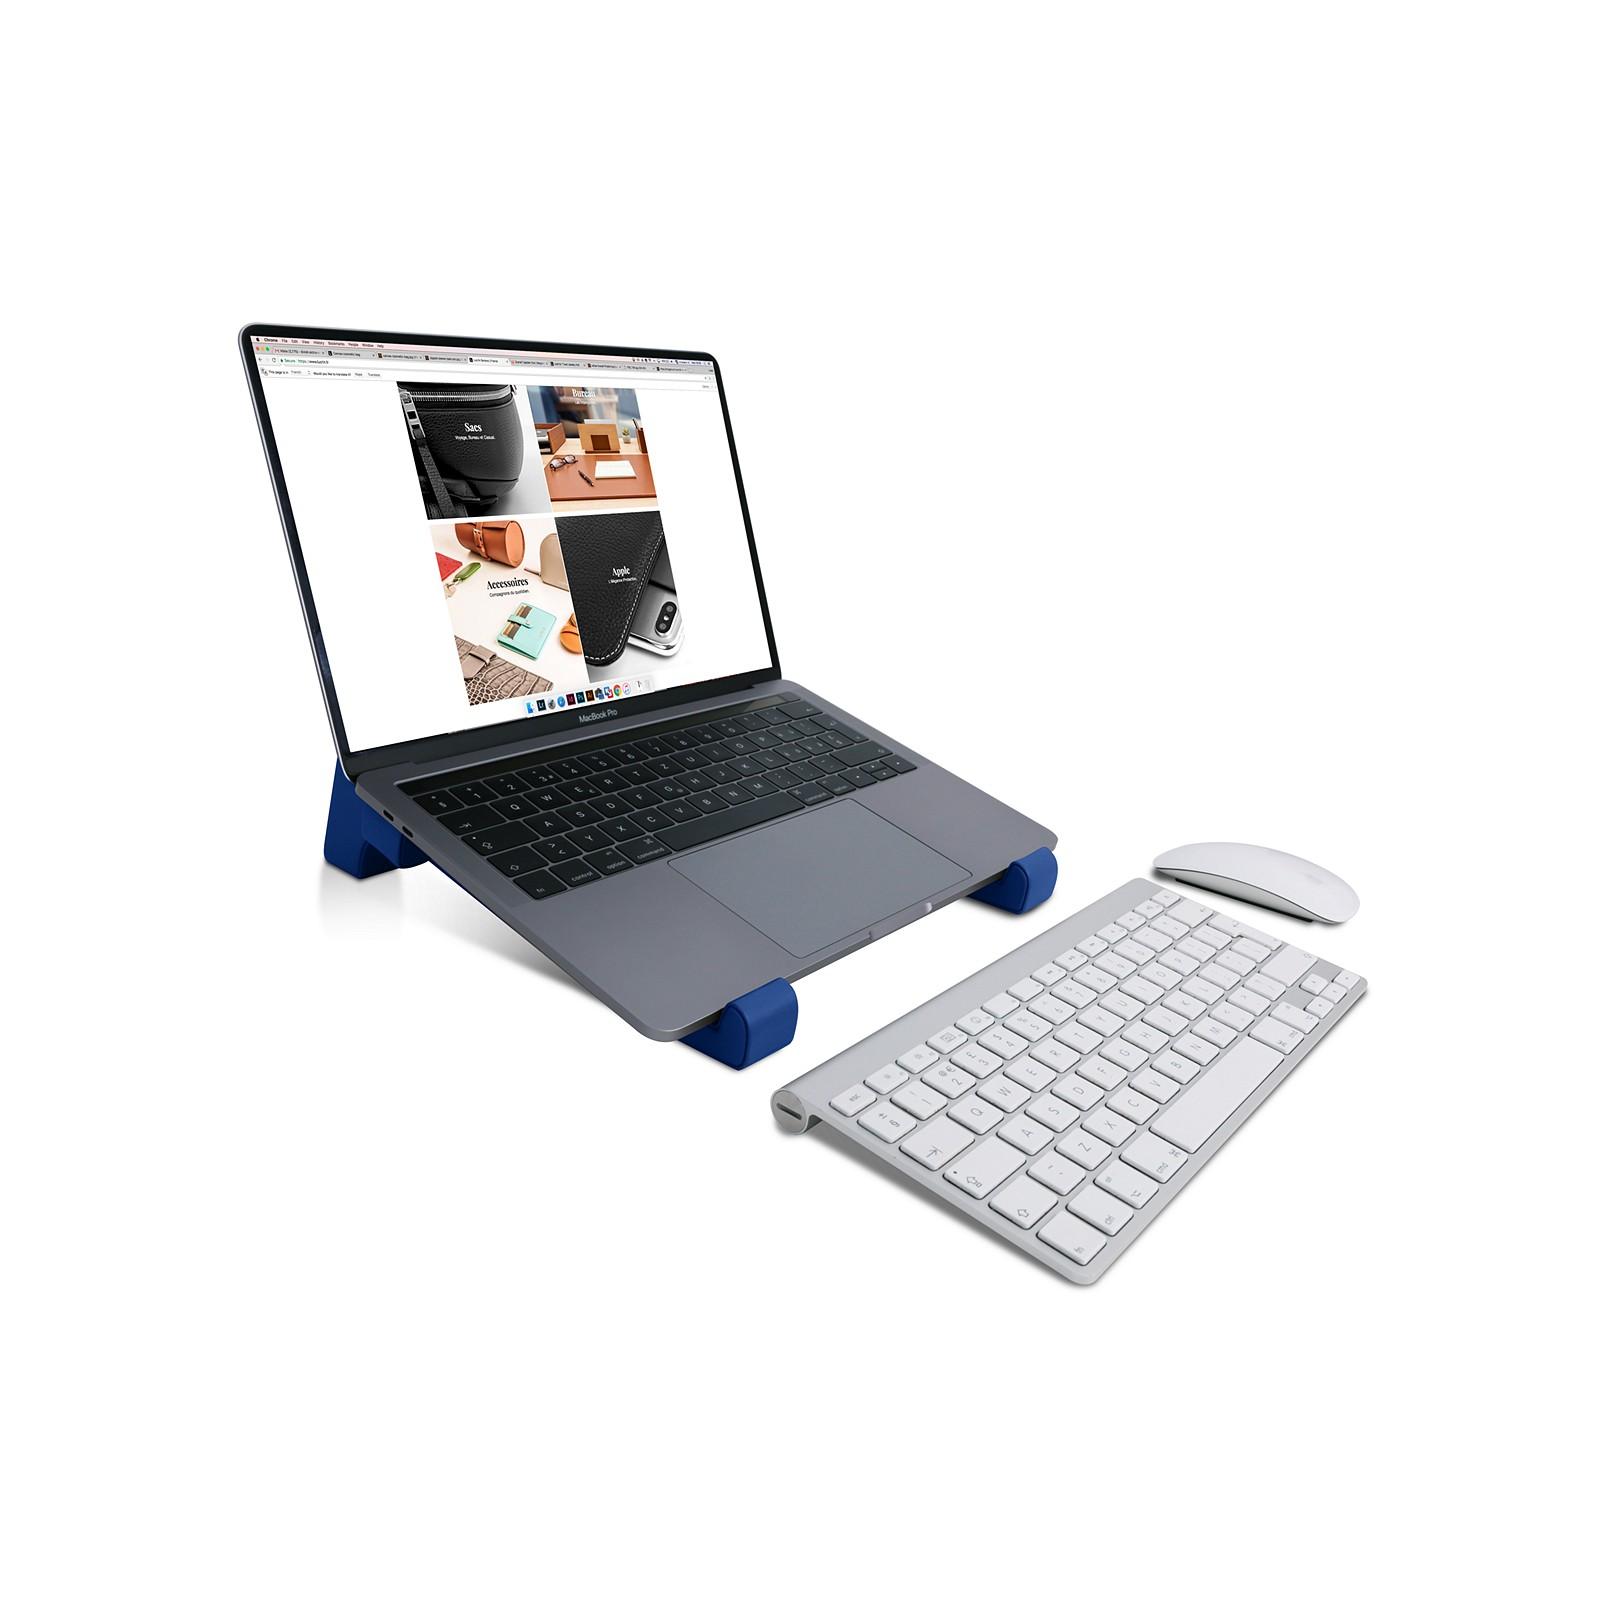 9723f05960 Supporto per laptop Blu Reale - Pelle Liscia Supporto per laptop Blu Reale  - Pelle Liscia 